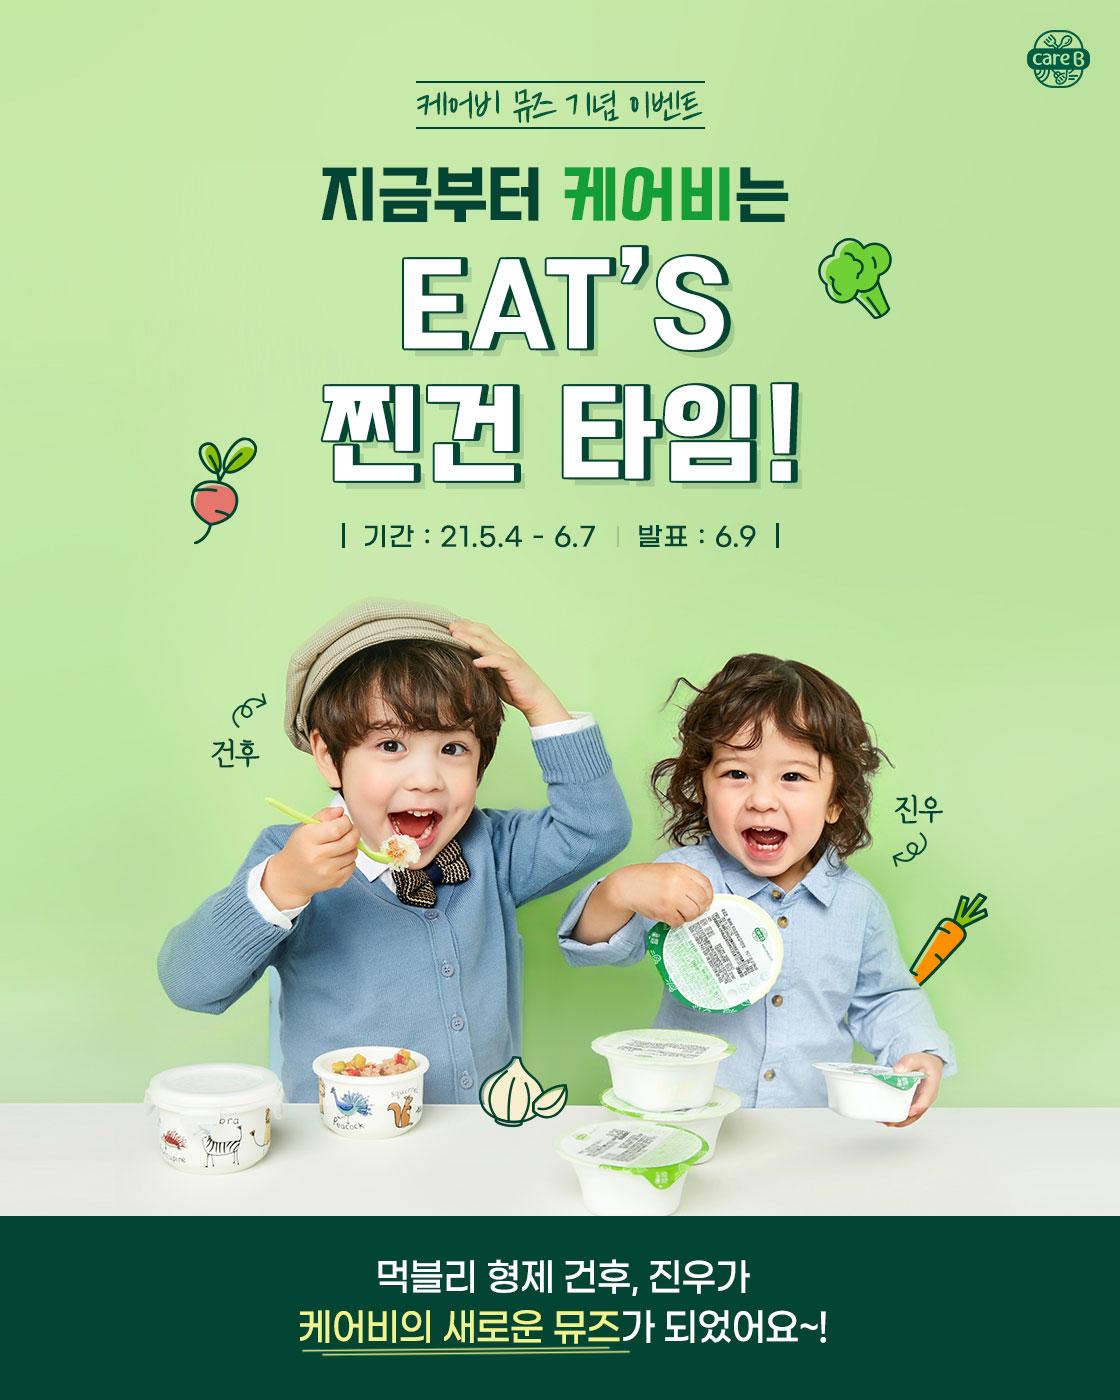 [케어비 뮤즈 기념 이벤트] 지금부터 케어비는 EAT'S 찐건 타임! 기간 : 21.5.4~6.7 /  발표 : 6.9 먹블리 형제 건후, 진우가 케어비의 새로운 뮤즈가 되었어요~!